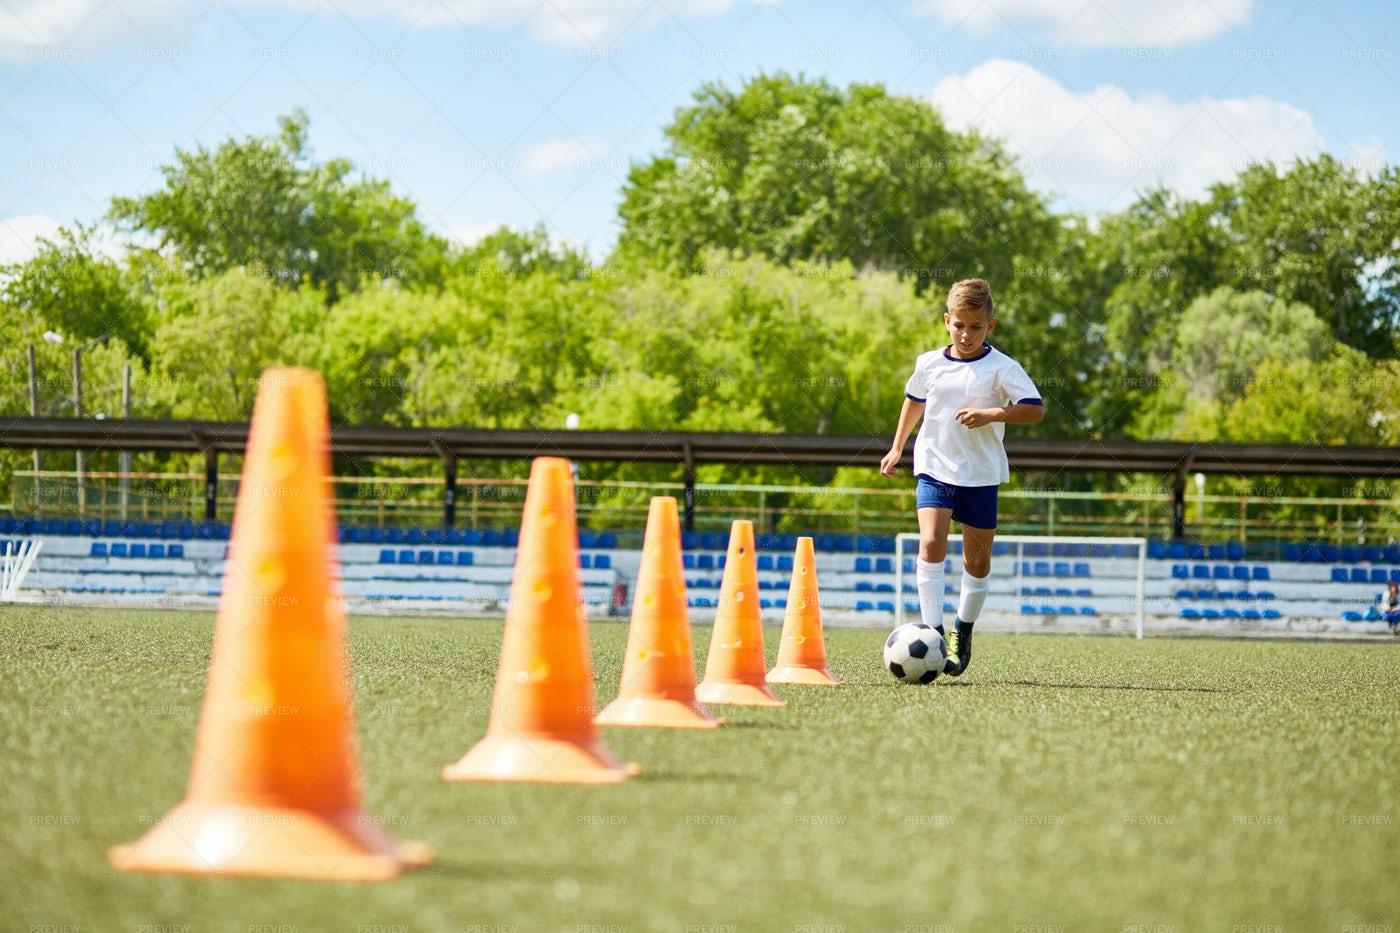 Junior Football Player Practicing...: Stock Photos